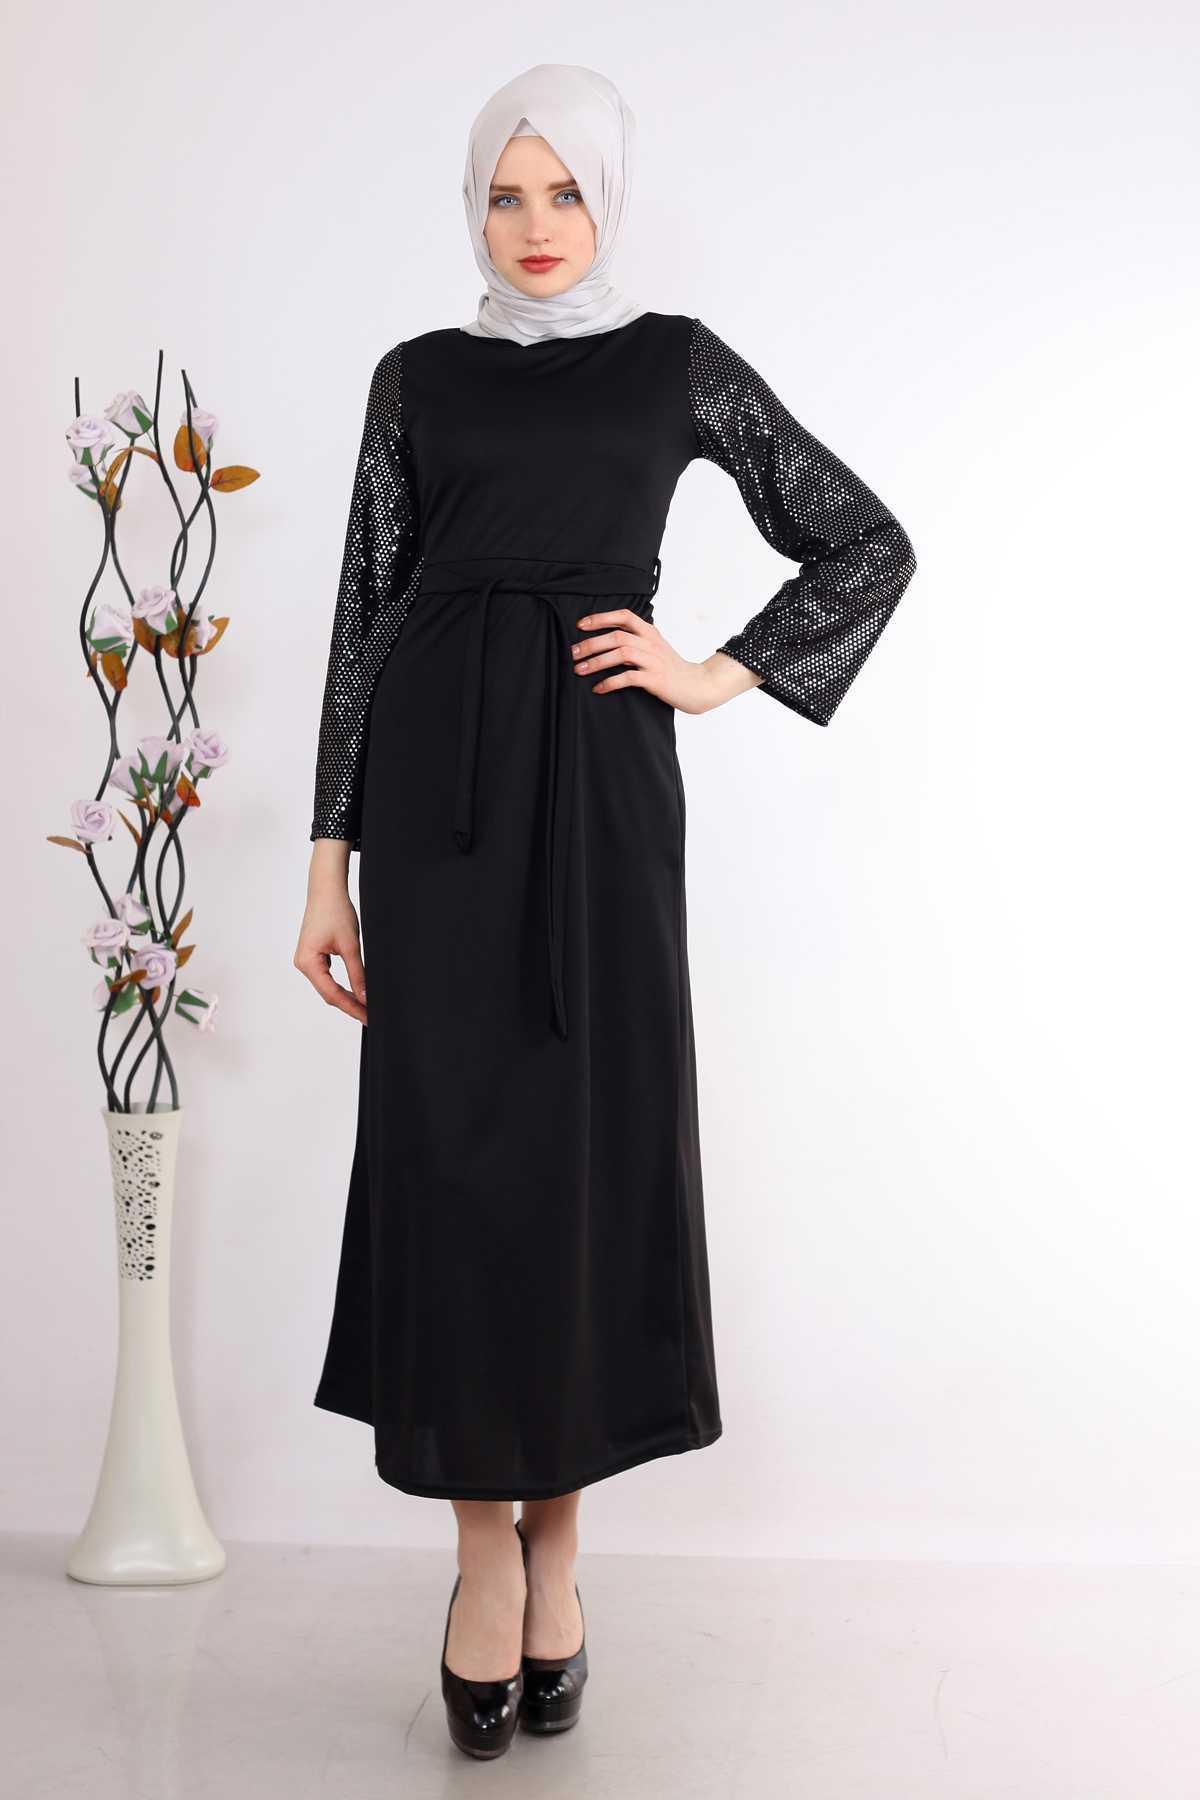 Modaminem Kolları Pullu Tesettür Elbise Modelleri